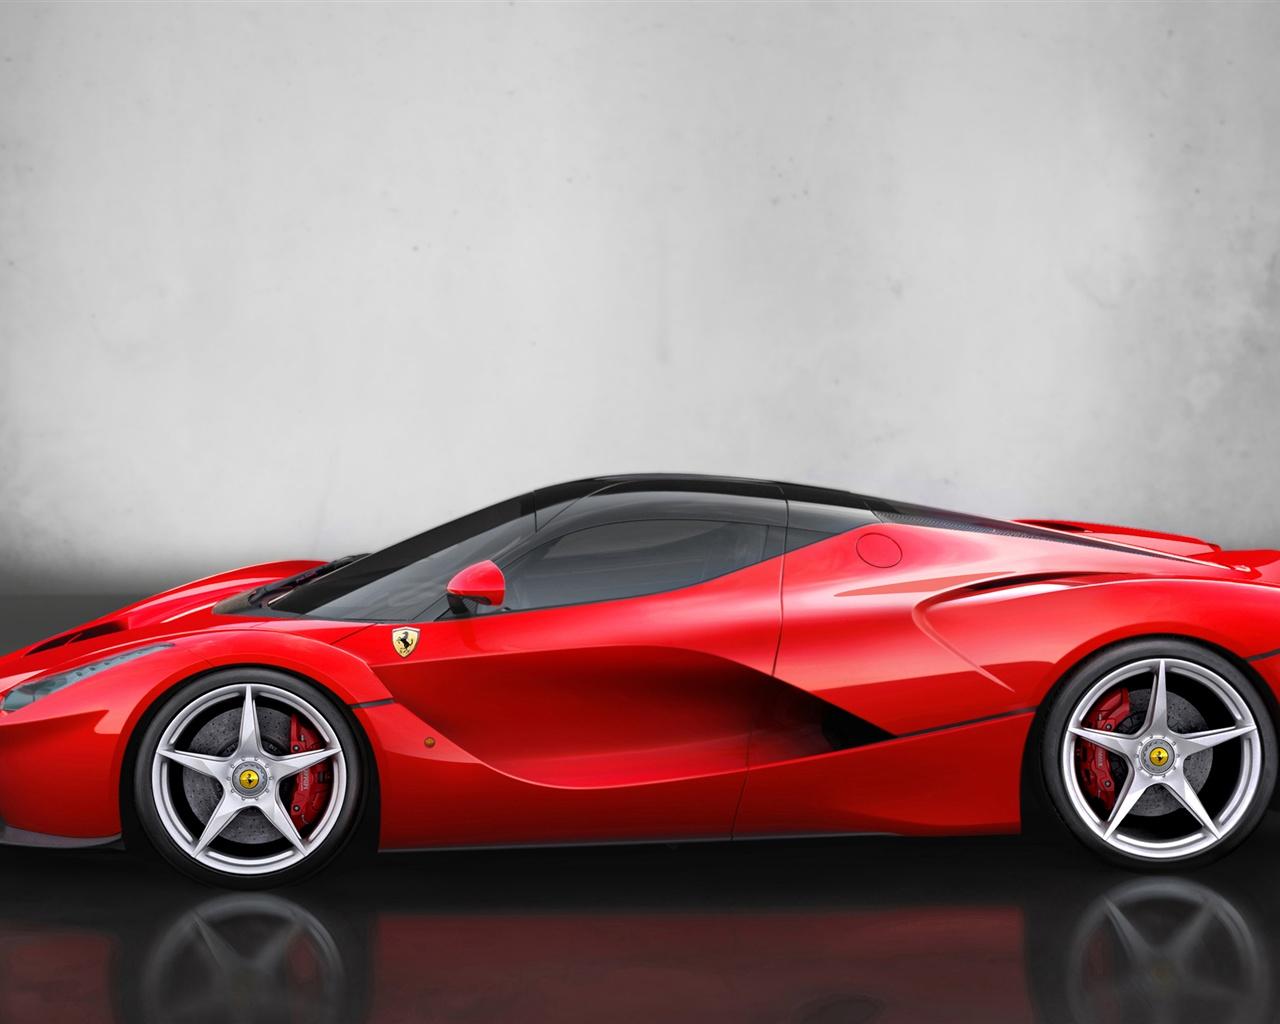 2013 Ferrari supercar LaFerrari Fondos de pantalla 1280x1024 Fondos 1280x1024